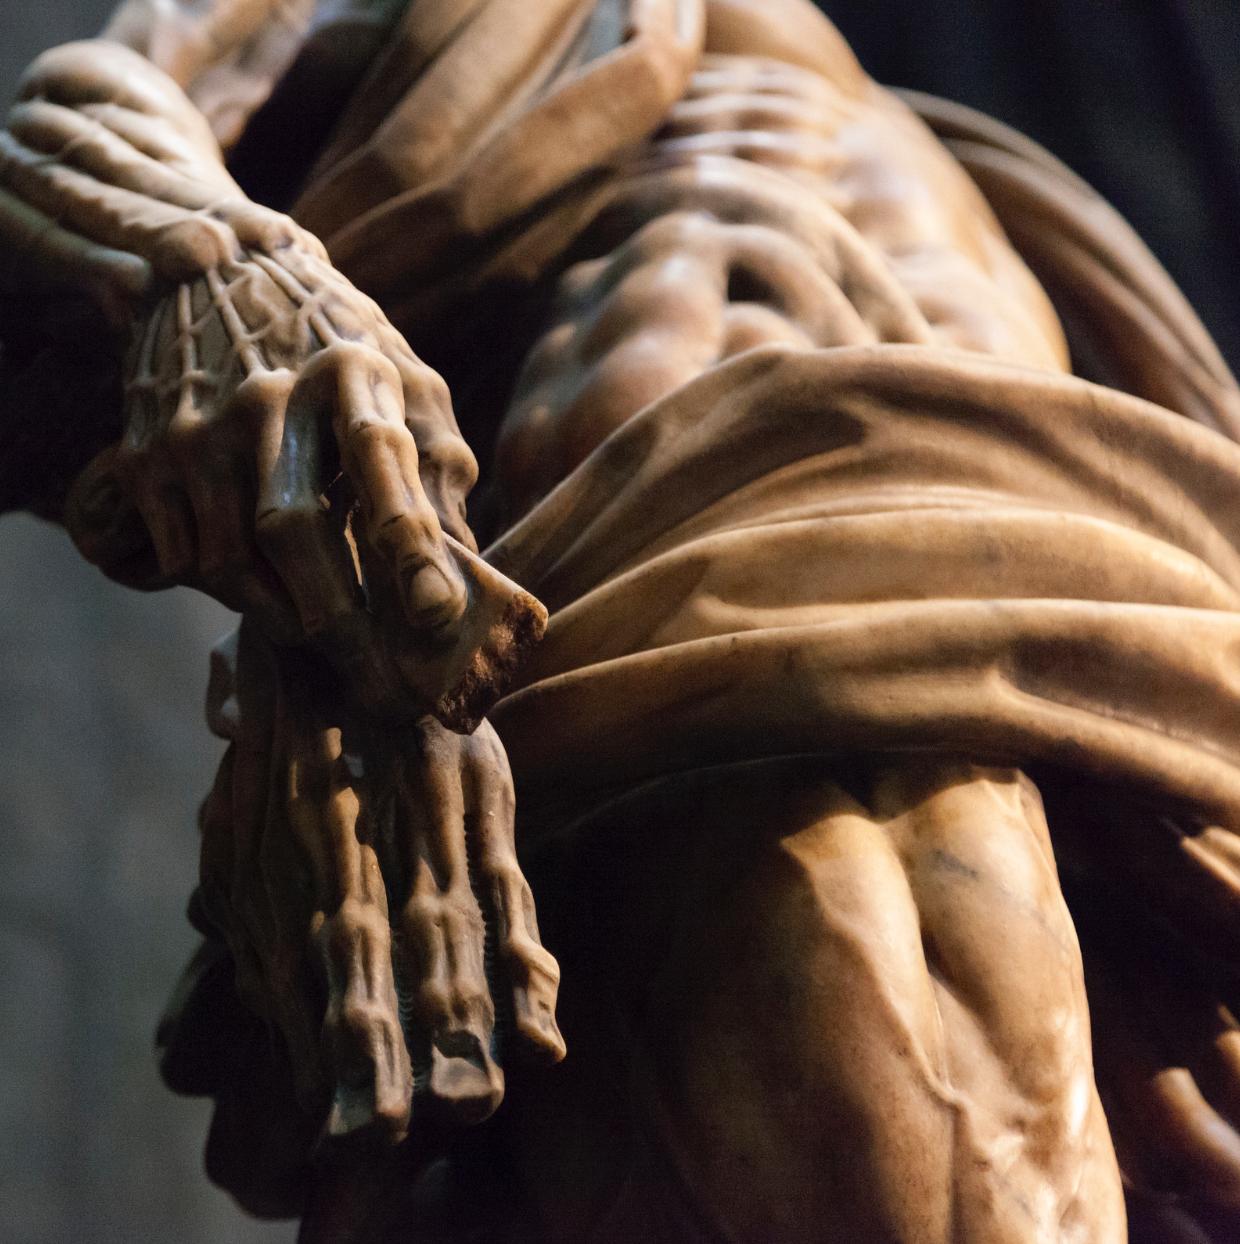 7 bức tượng khiến bạn vừa có cảm giác thích thú, vừa rùng mình run sợ - Ảnh 10.